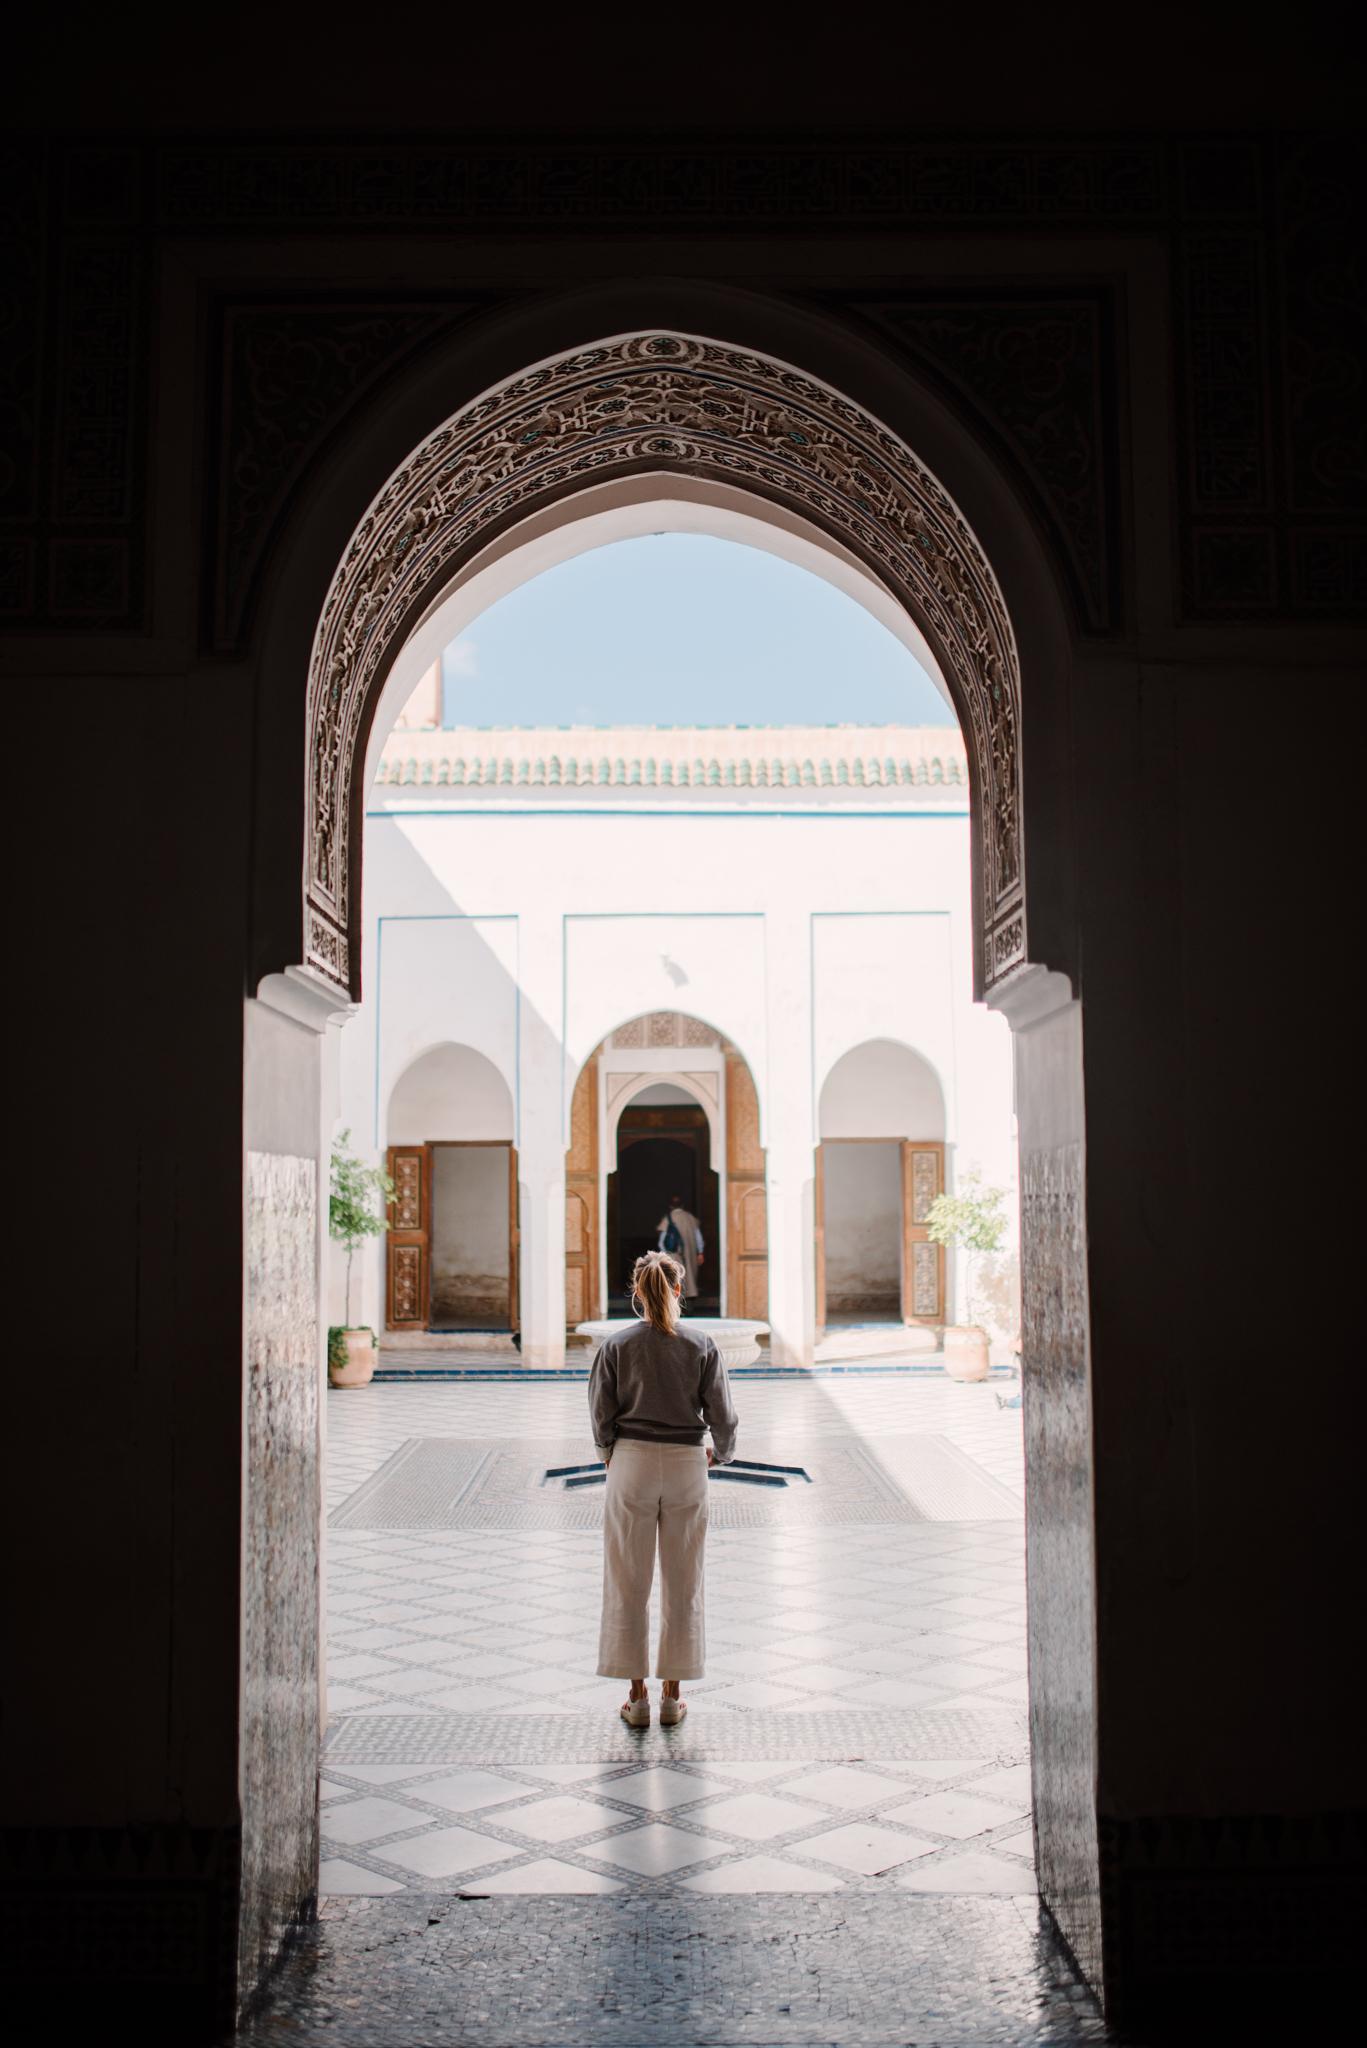 Anoukfotografeert Marokko reis-128